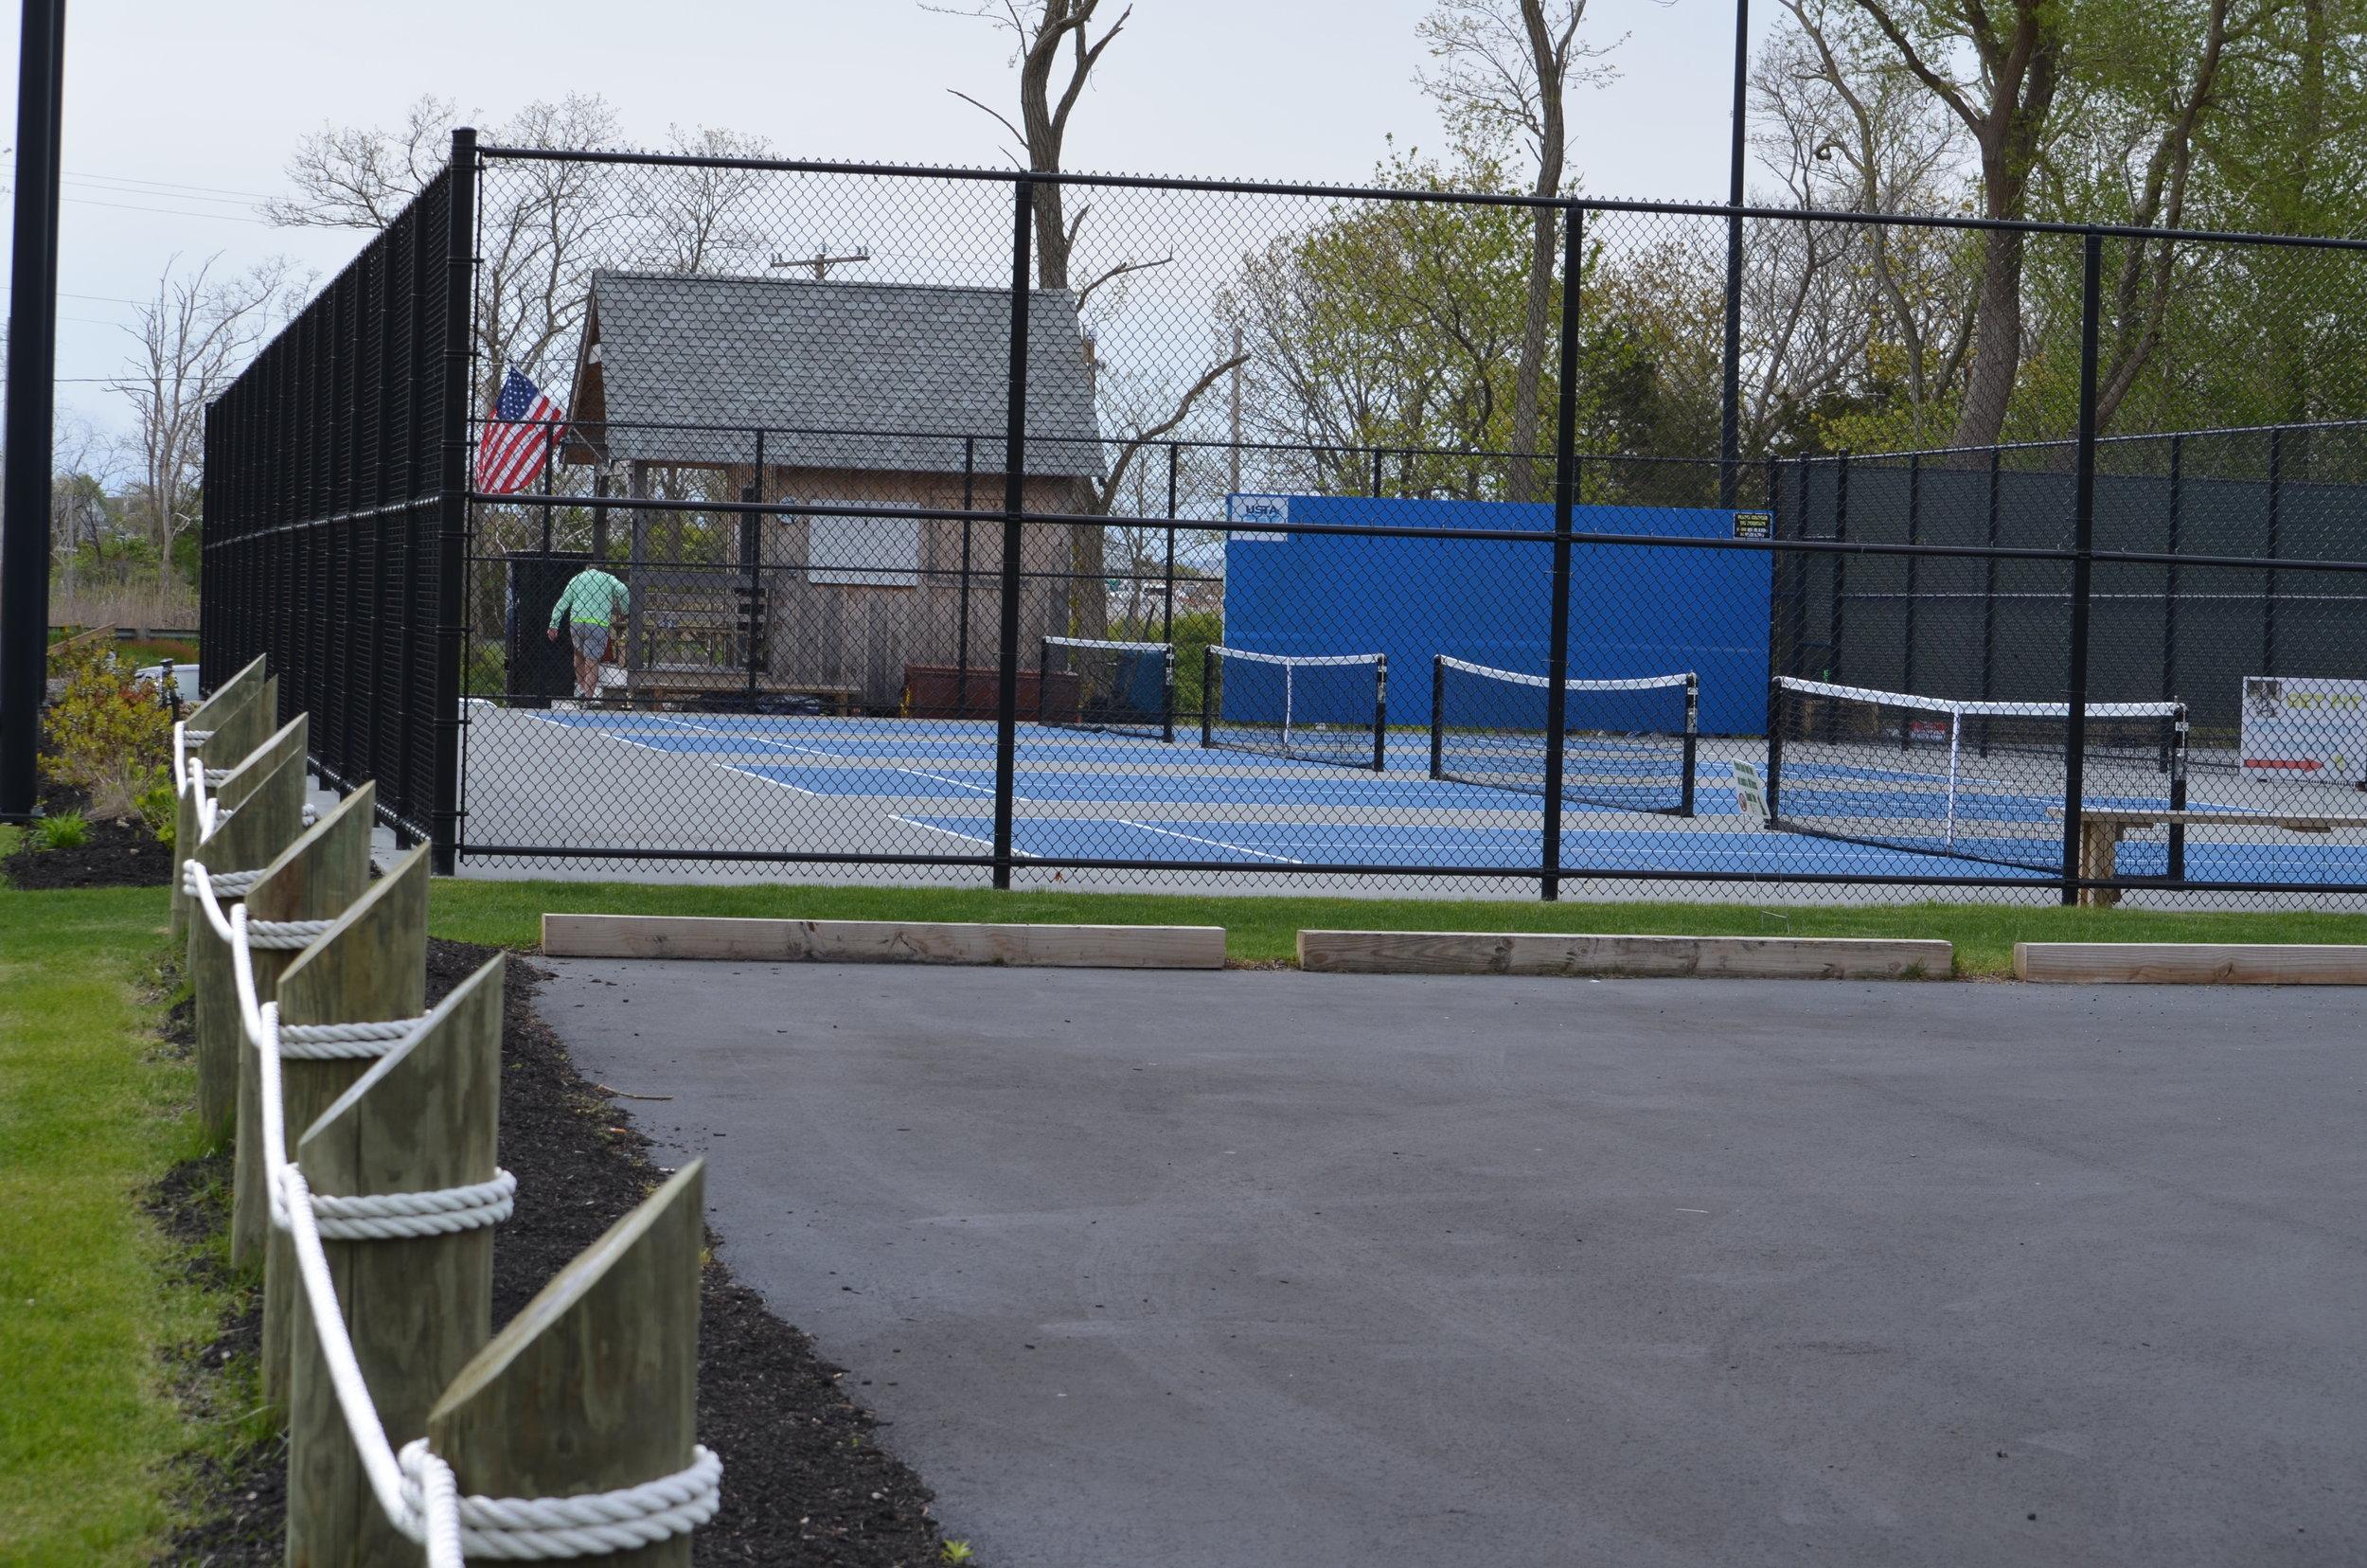 10 & Under Tennis Courts